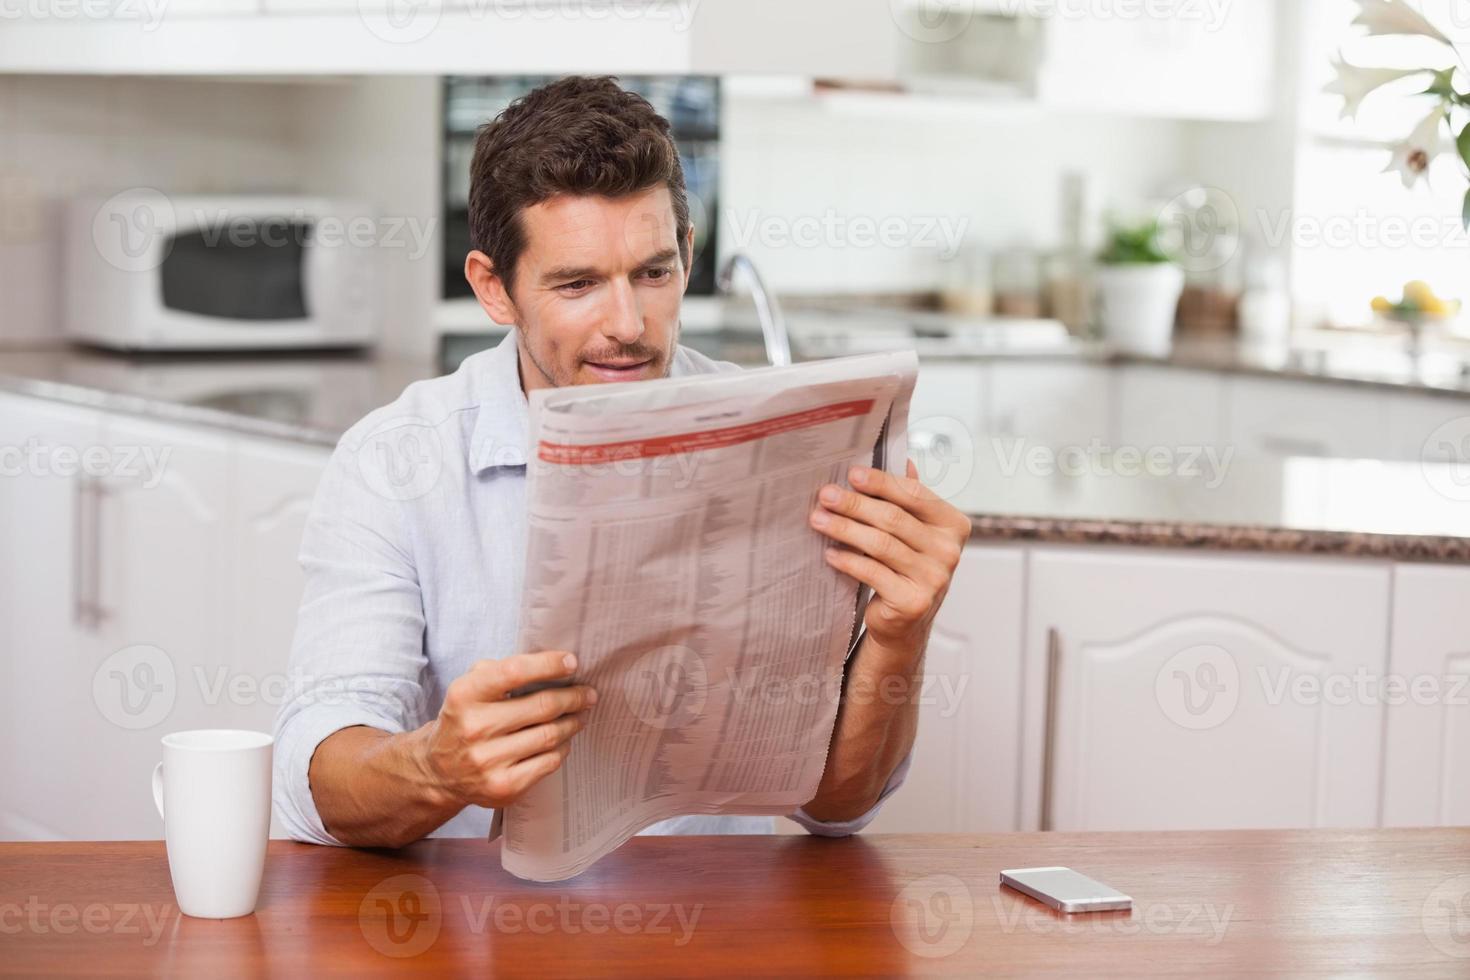 koncentrerad man läser tidningen i köket foto